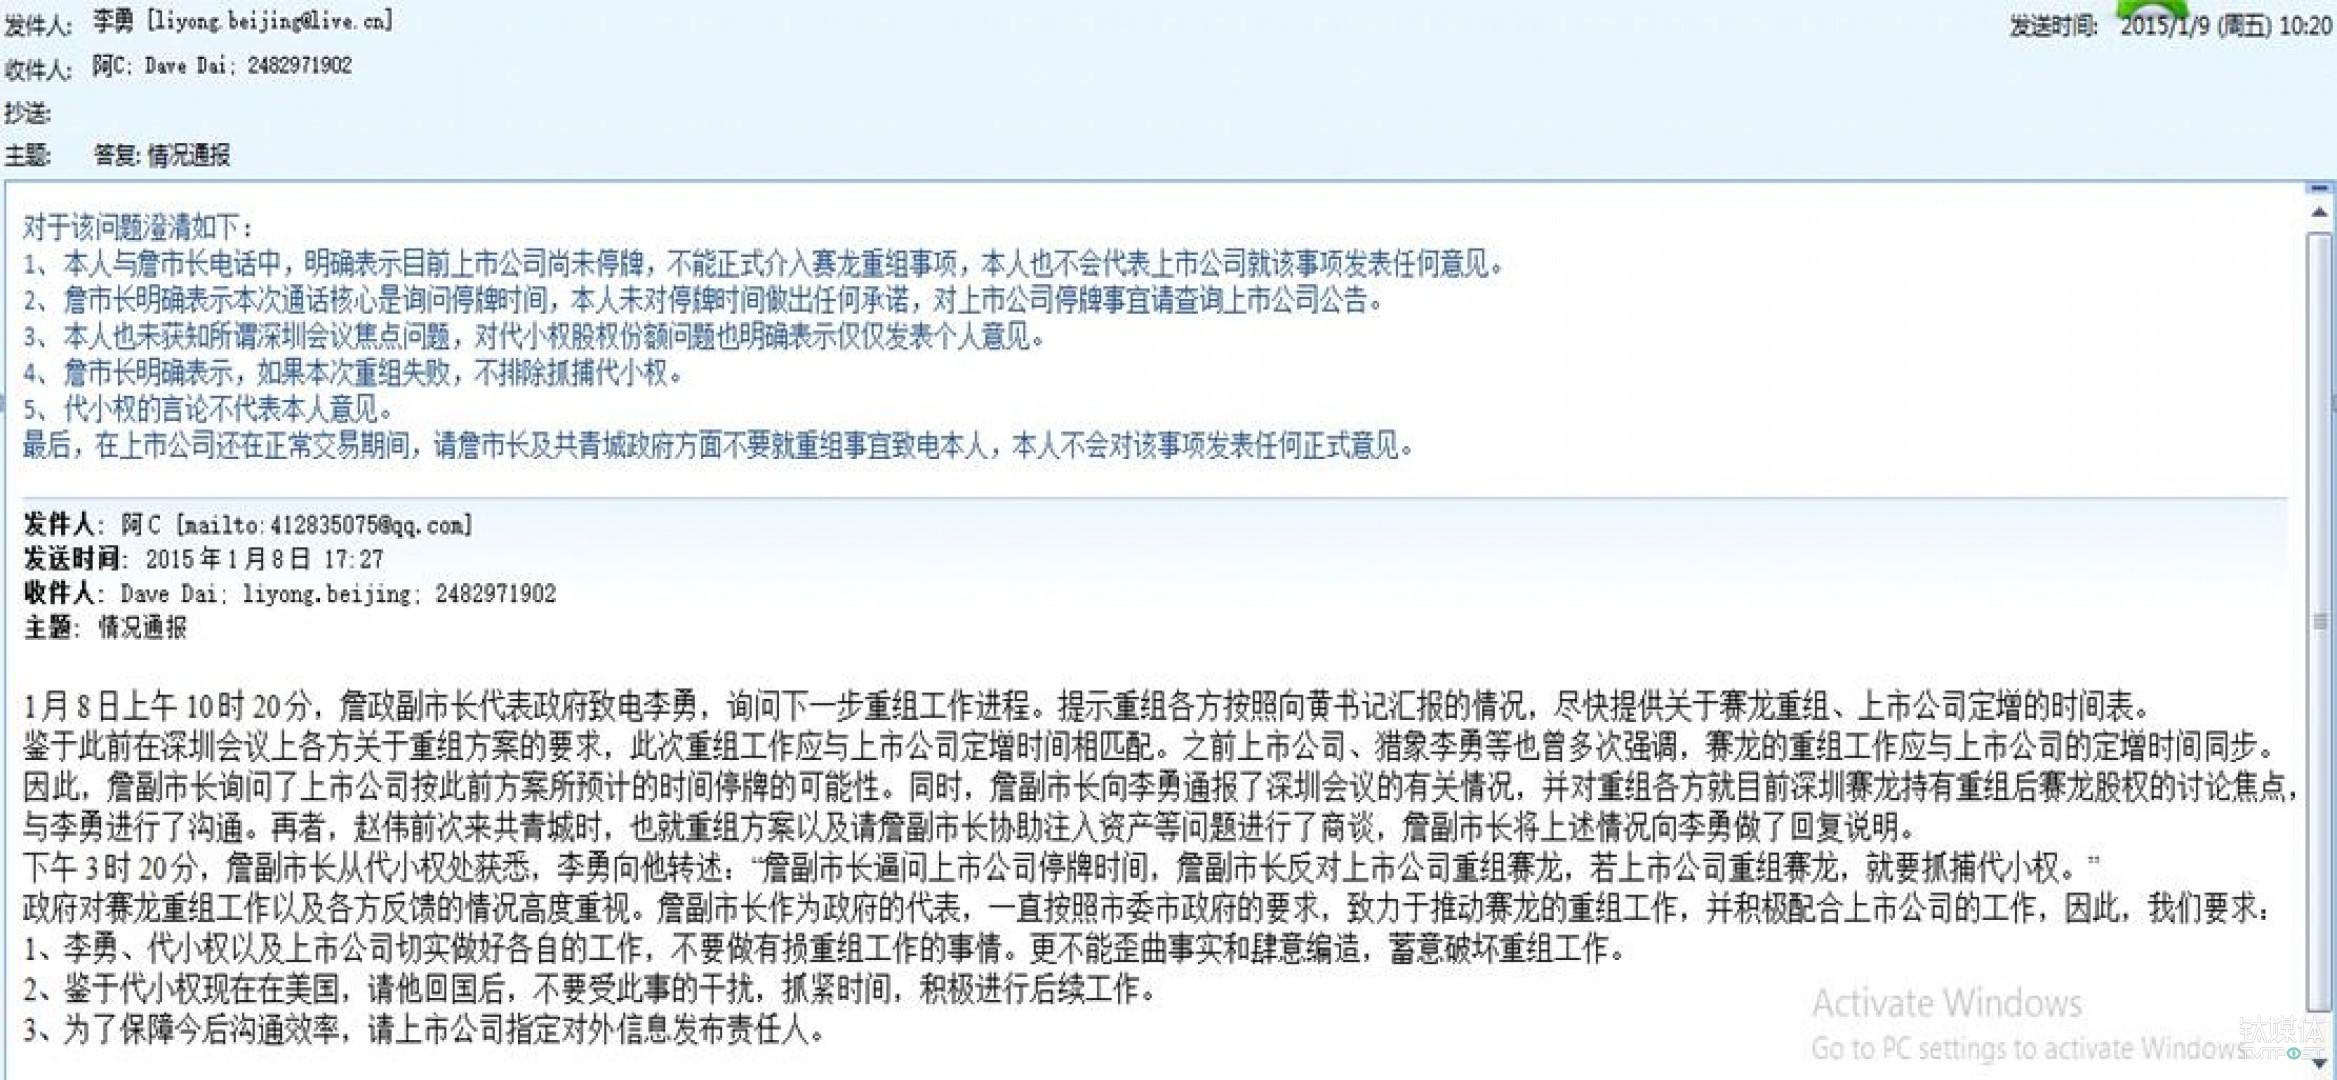 创始人离奇被捕,深圳赛龙突然死亡之谜|钛媒体独家